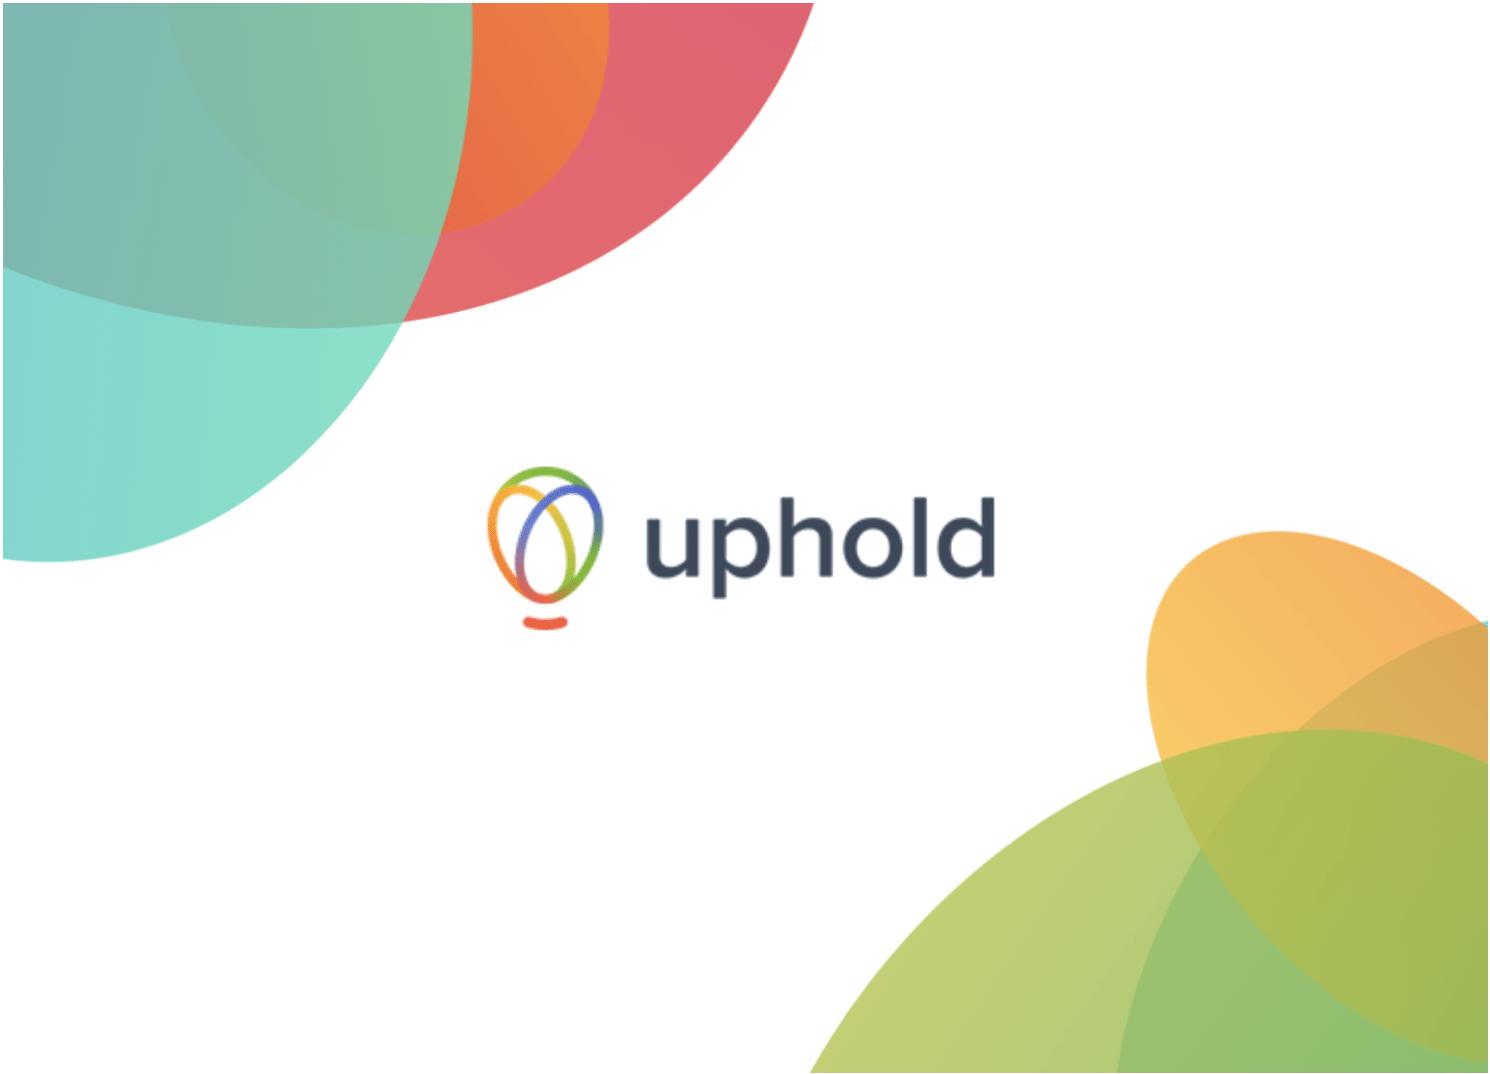 ¿Qué es Uphold? Descubre esta plataforma de pago basada en la nube